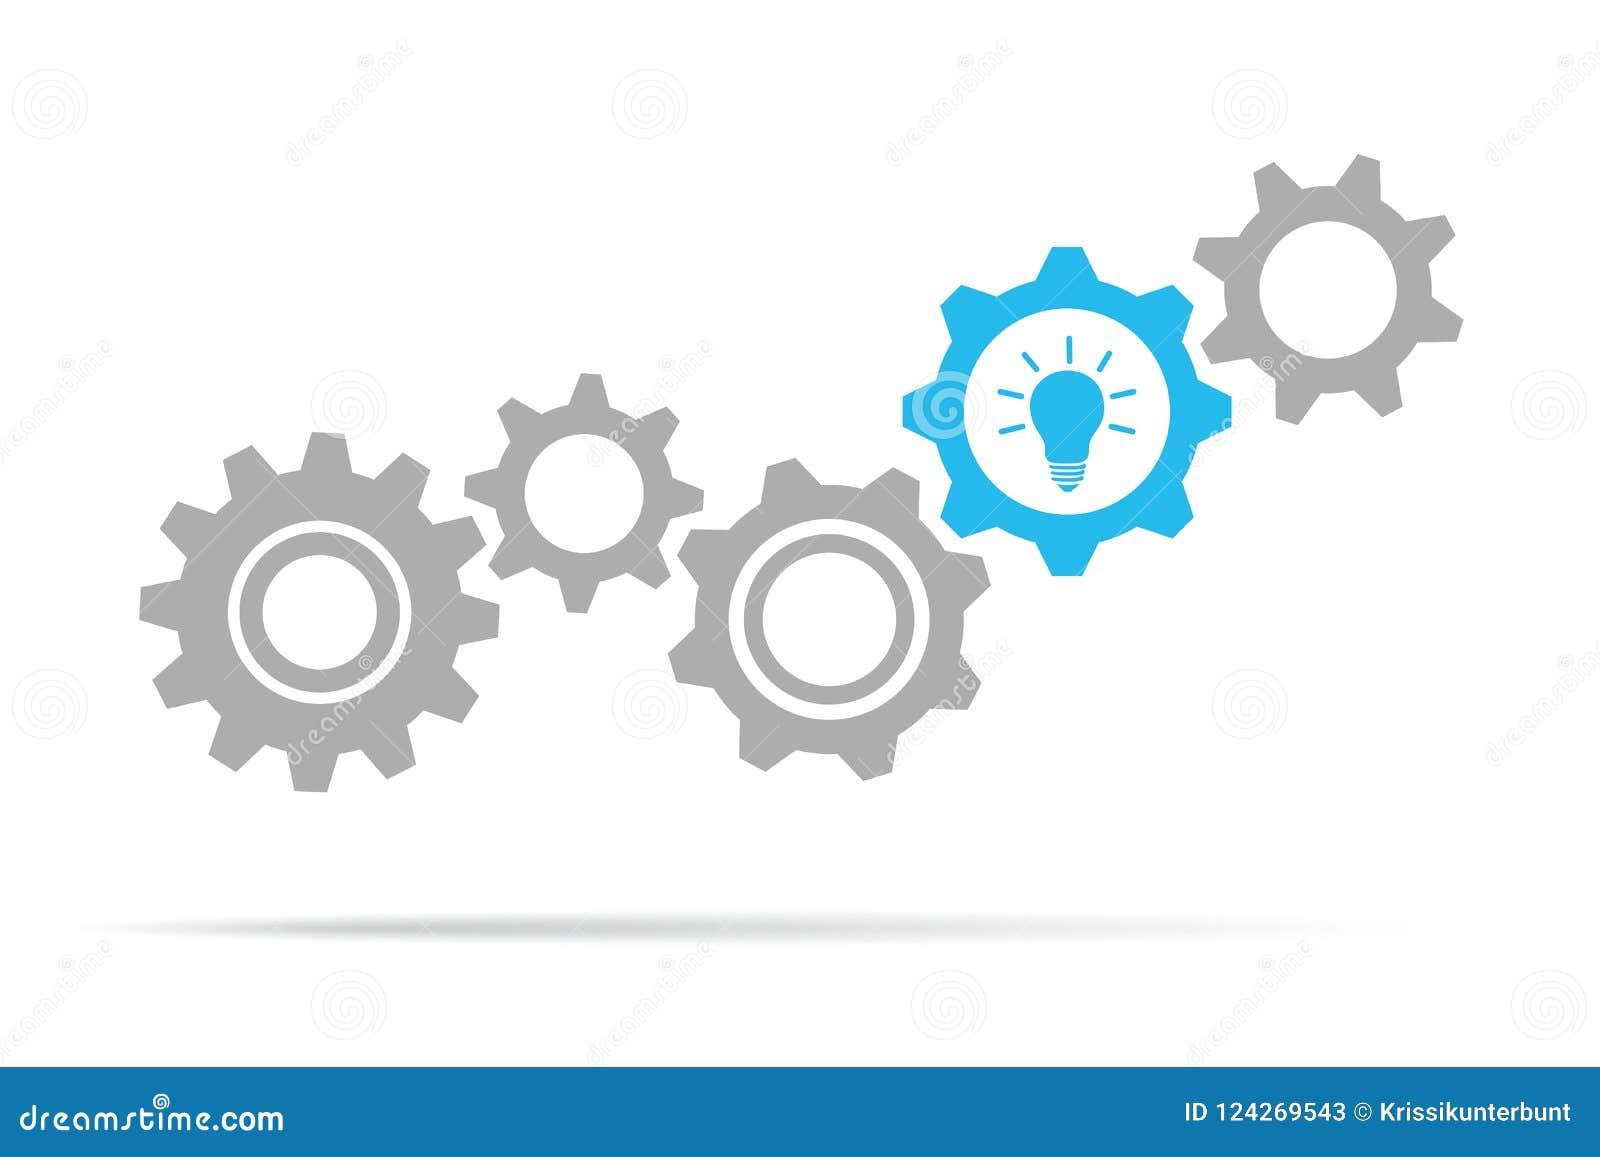 Kugghjul för idé för ljus kula funktionsdugliga